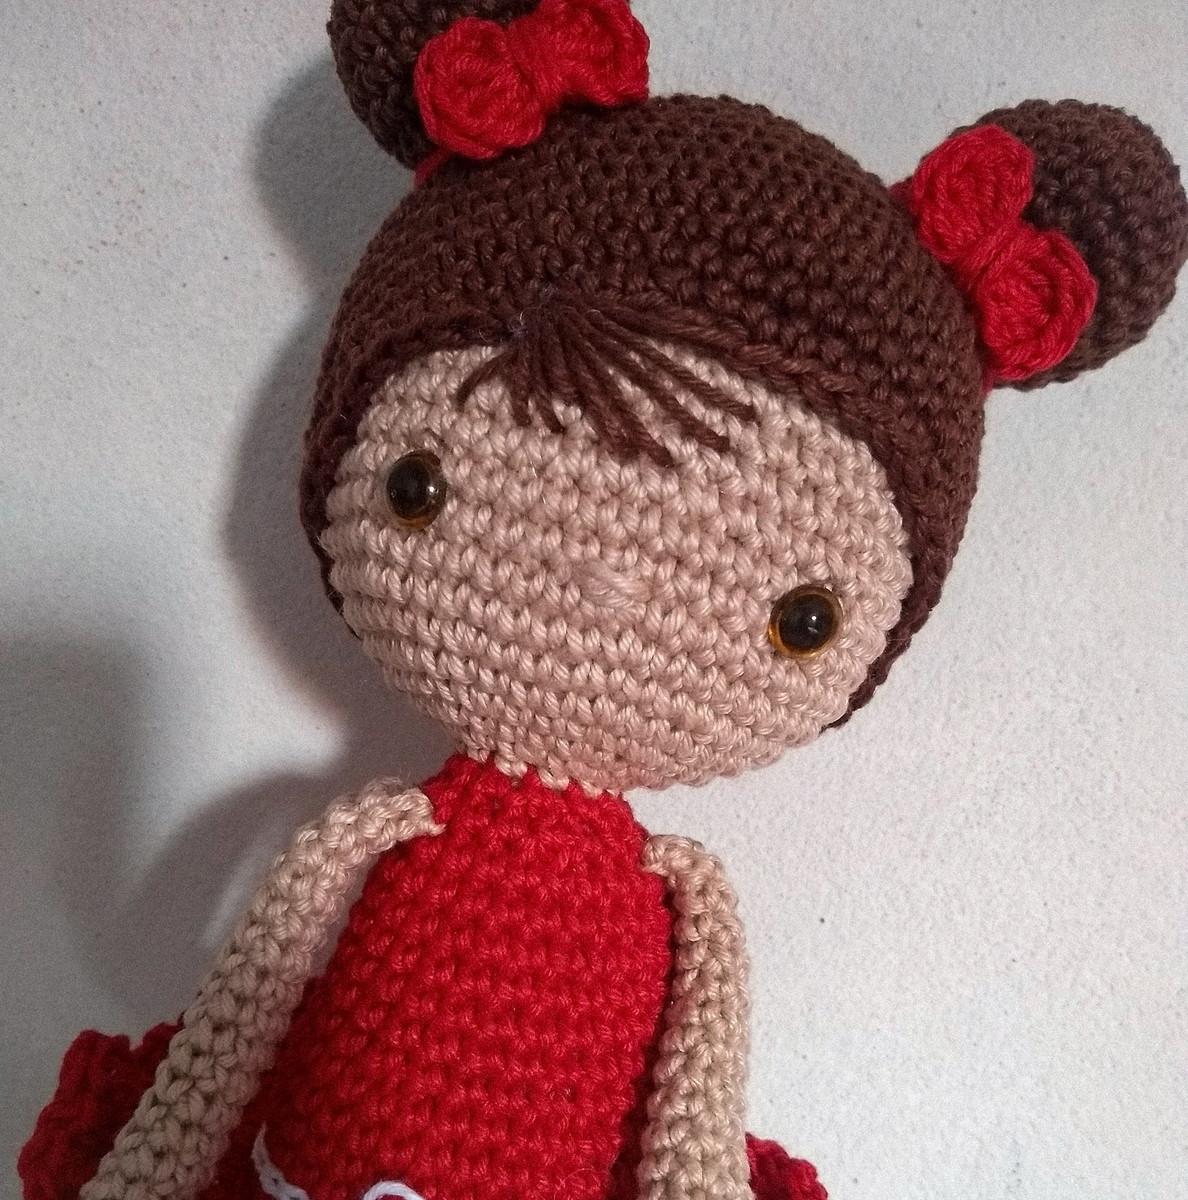 Boneca Amigurumi de Crochê | Boneca amigurumi, Amigurumi de croche ... | 1200x1188